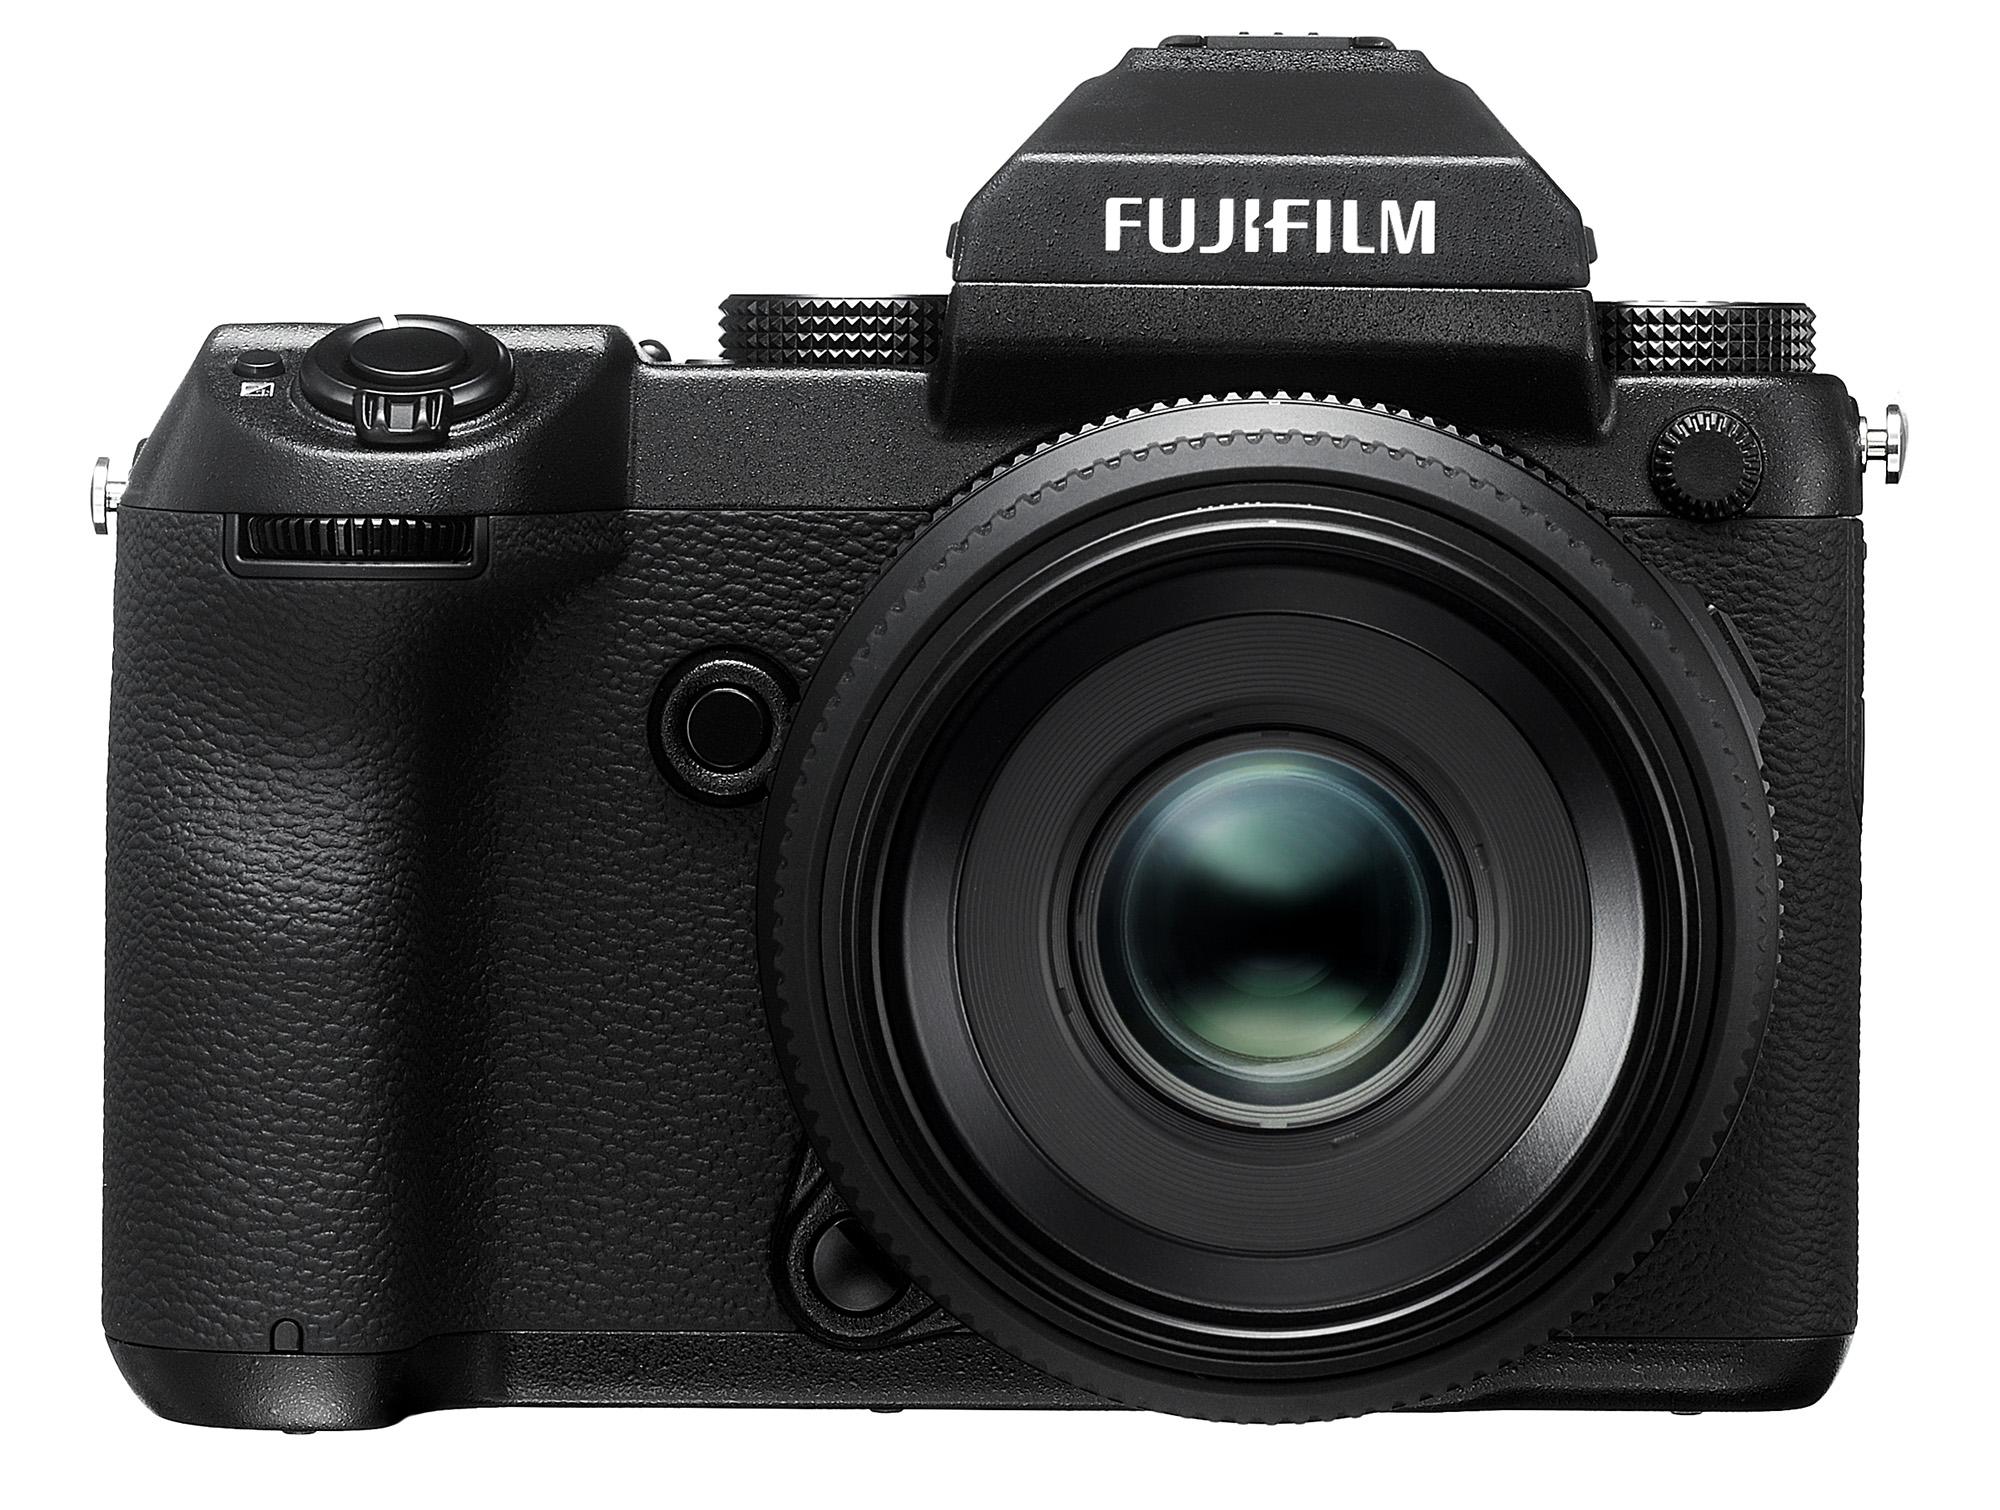 Fujifilm GFX 50S Camera ANZ Portrait Conference Entries Open, Win $10,000